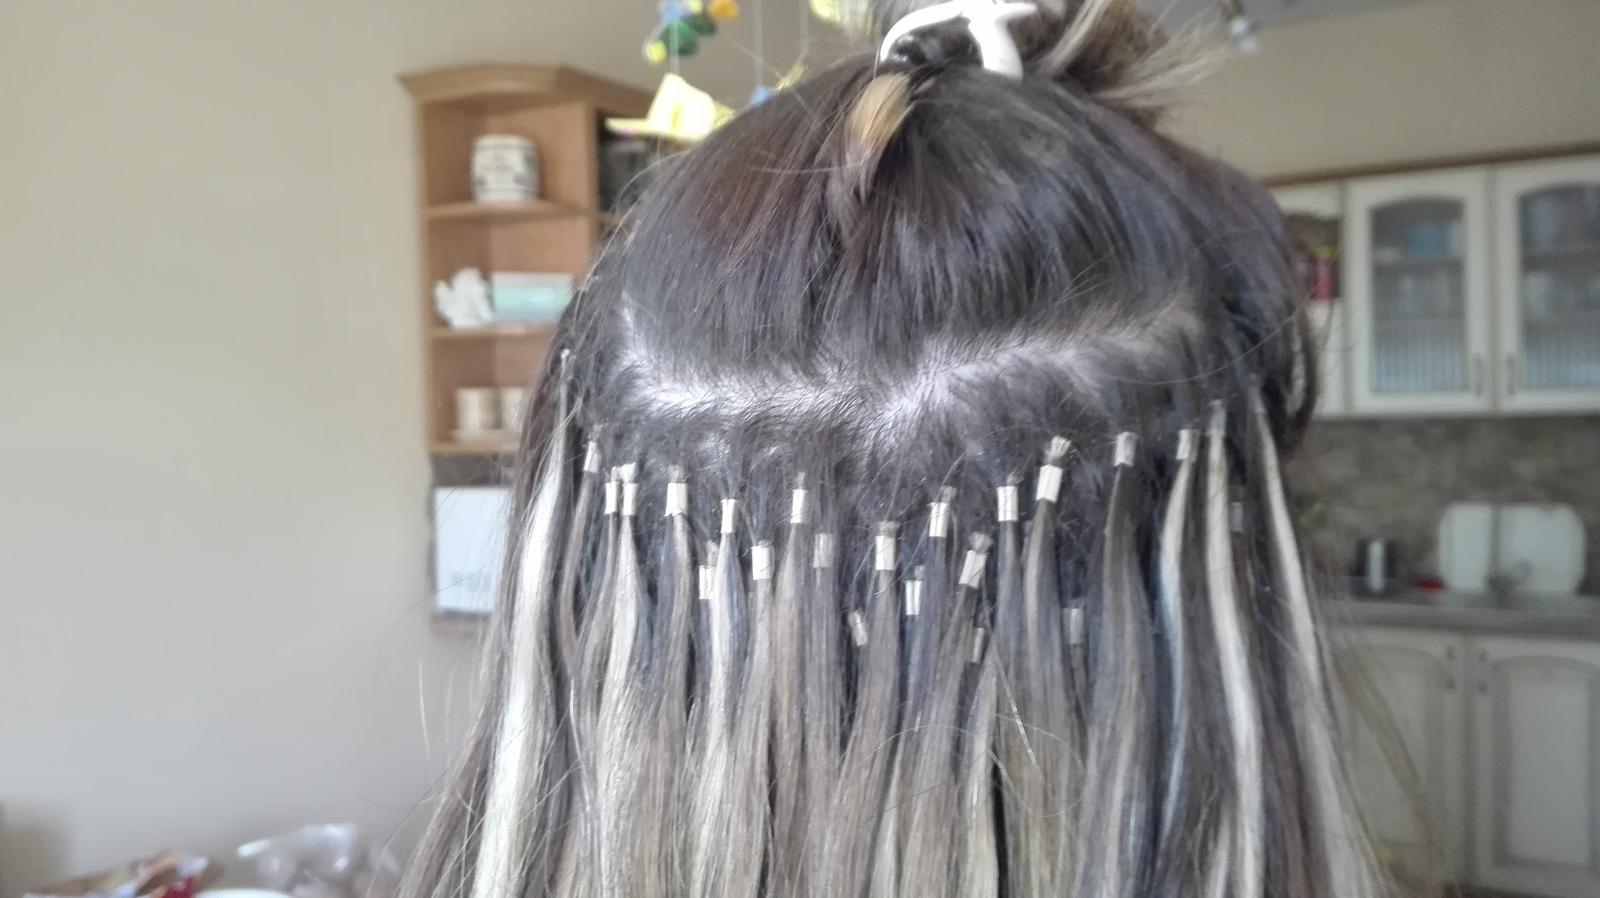 Predlžovanie vlasov. Povedzte plusy a mínusy - - ... - str. 14 dfa32828ee2